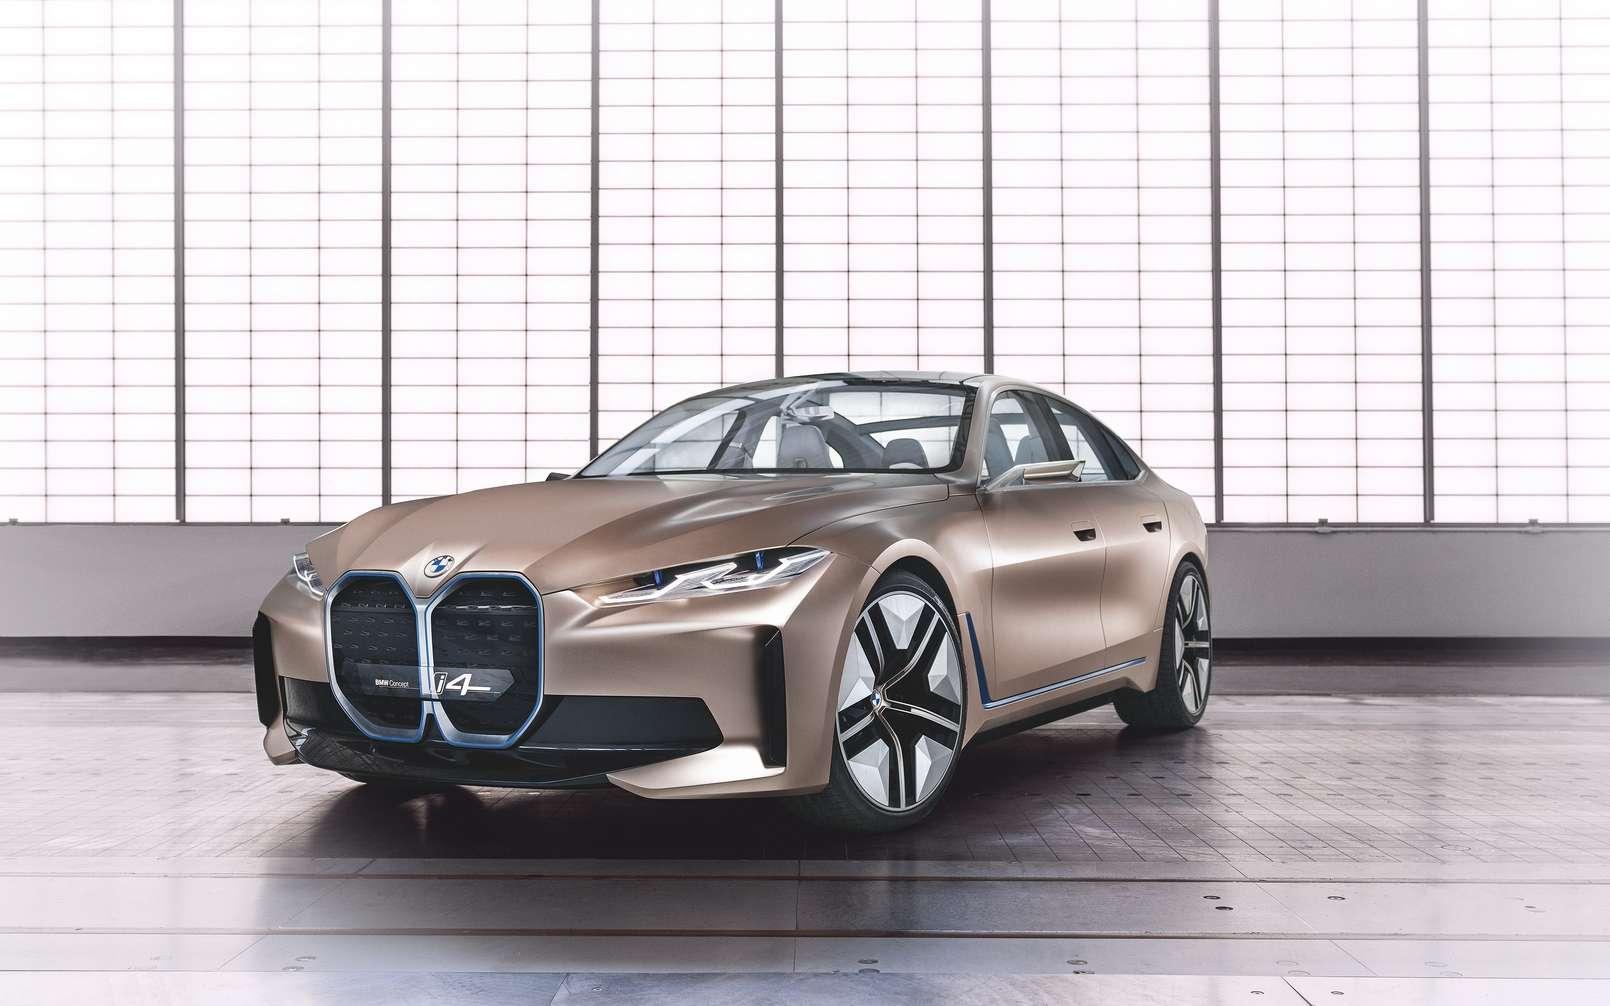 La BMW Concept i4 préfigure le modèle de série attendu en 2021. © BMW